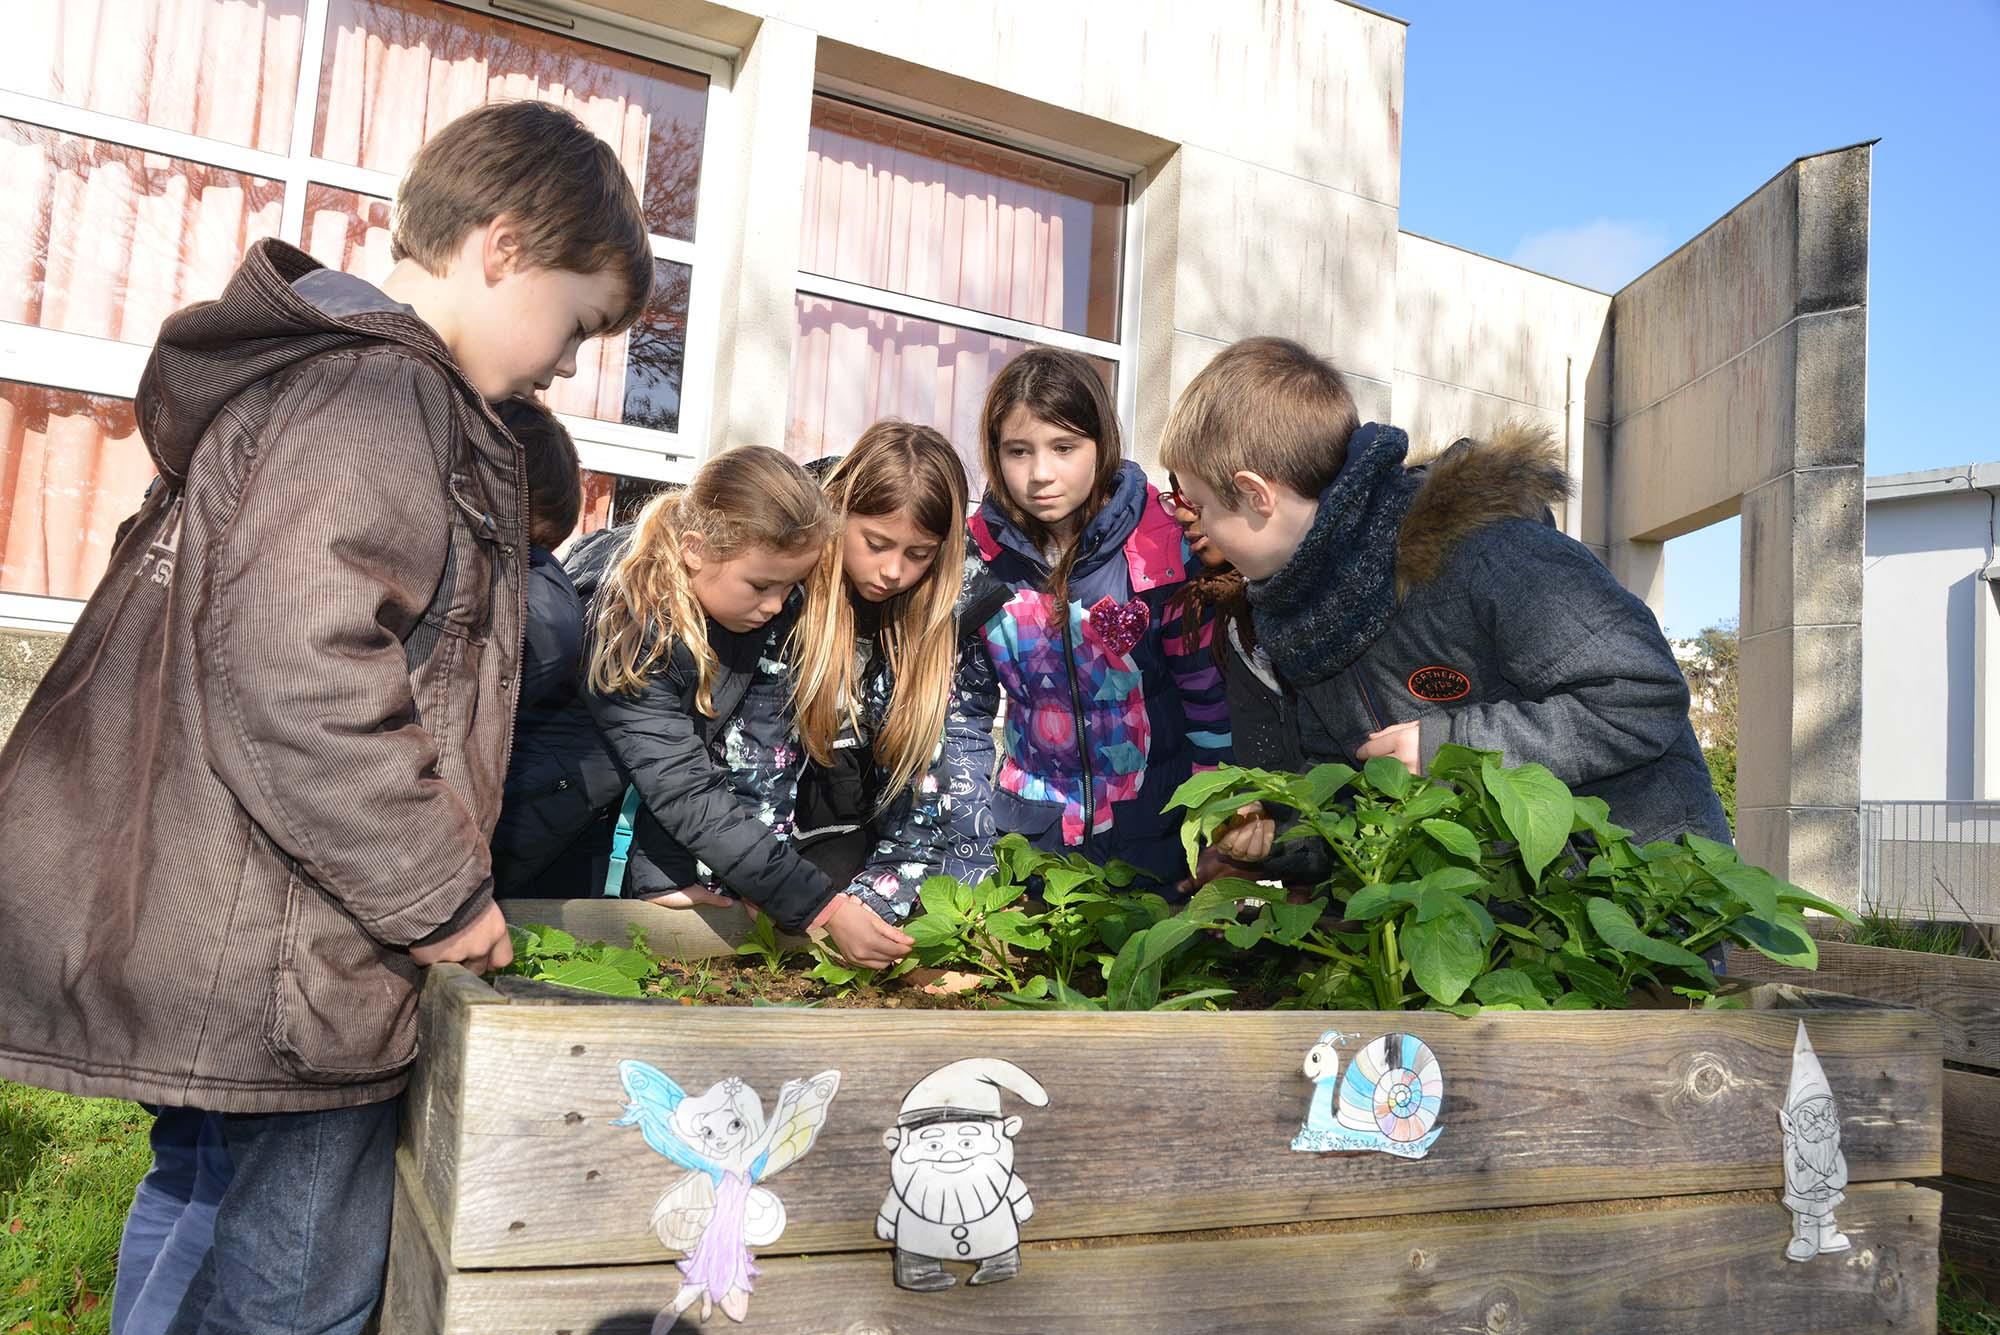 Les enfants de l'école Ferdinand Buisson cultivent leurs propres légumes. (©Ville de Saint-Nazaire - Christian Robert)